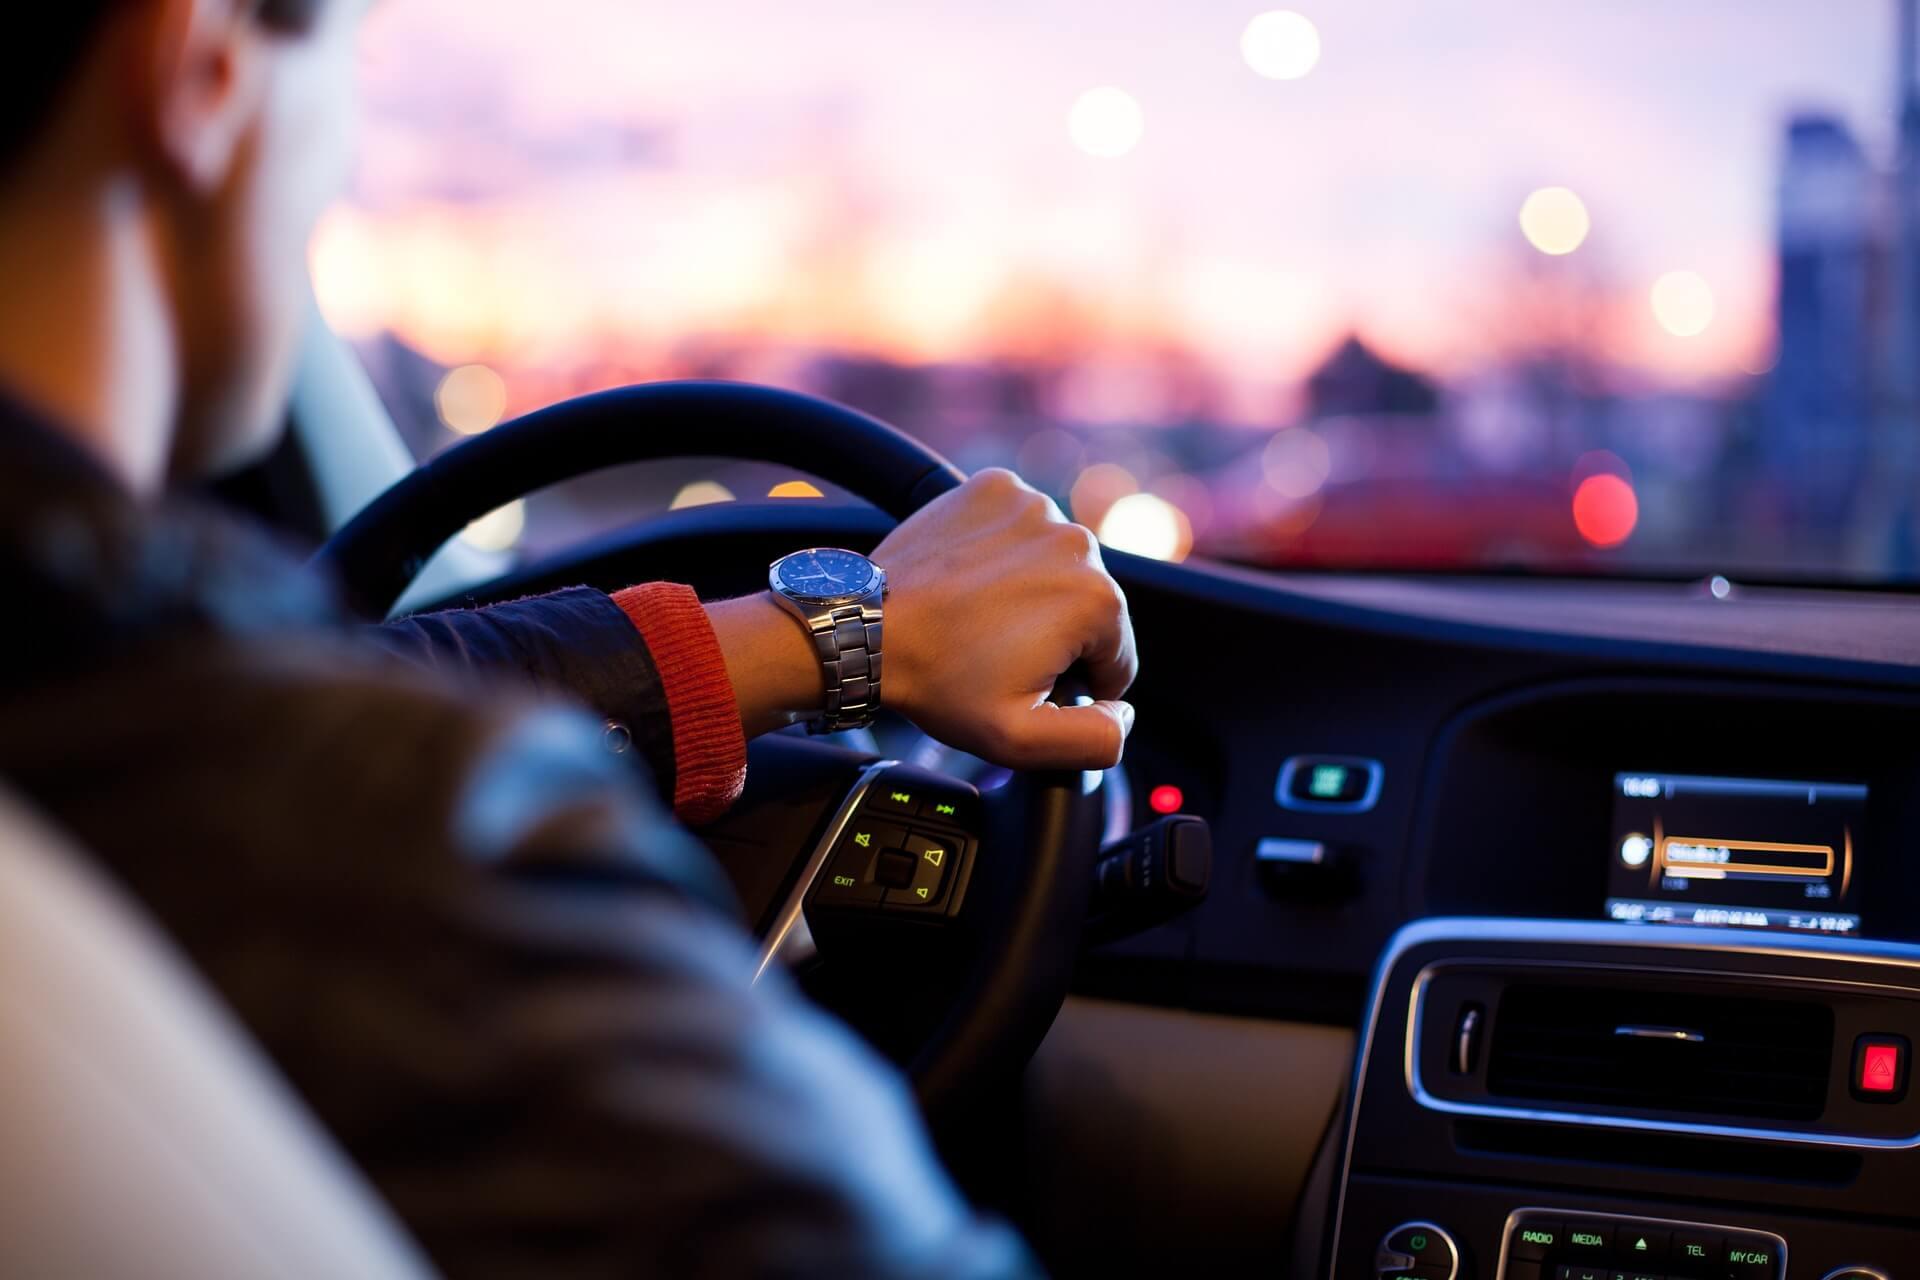 Recorte de um braço com jaqueta de coura e relógio dirigindo um carro